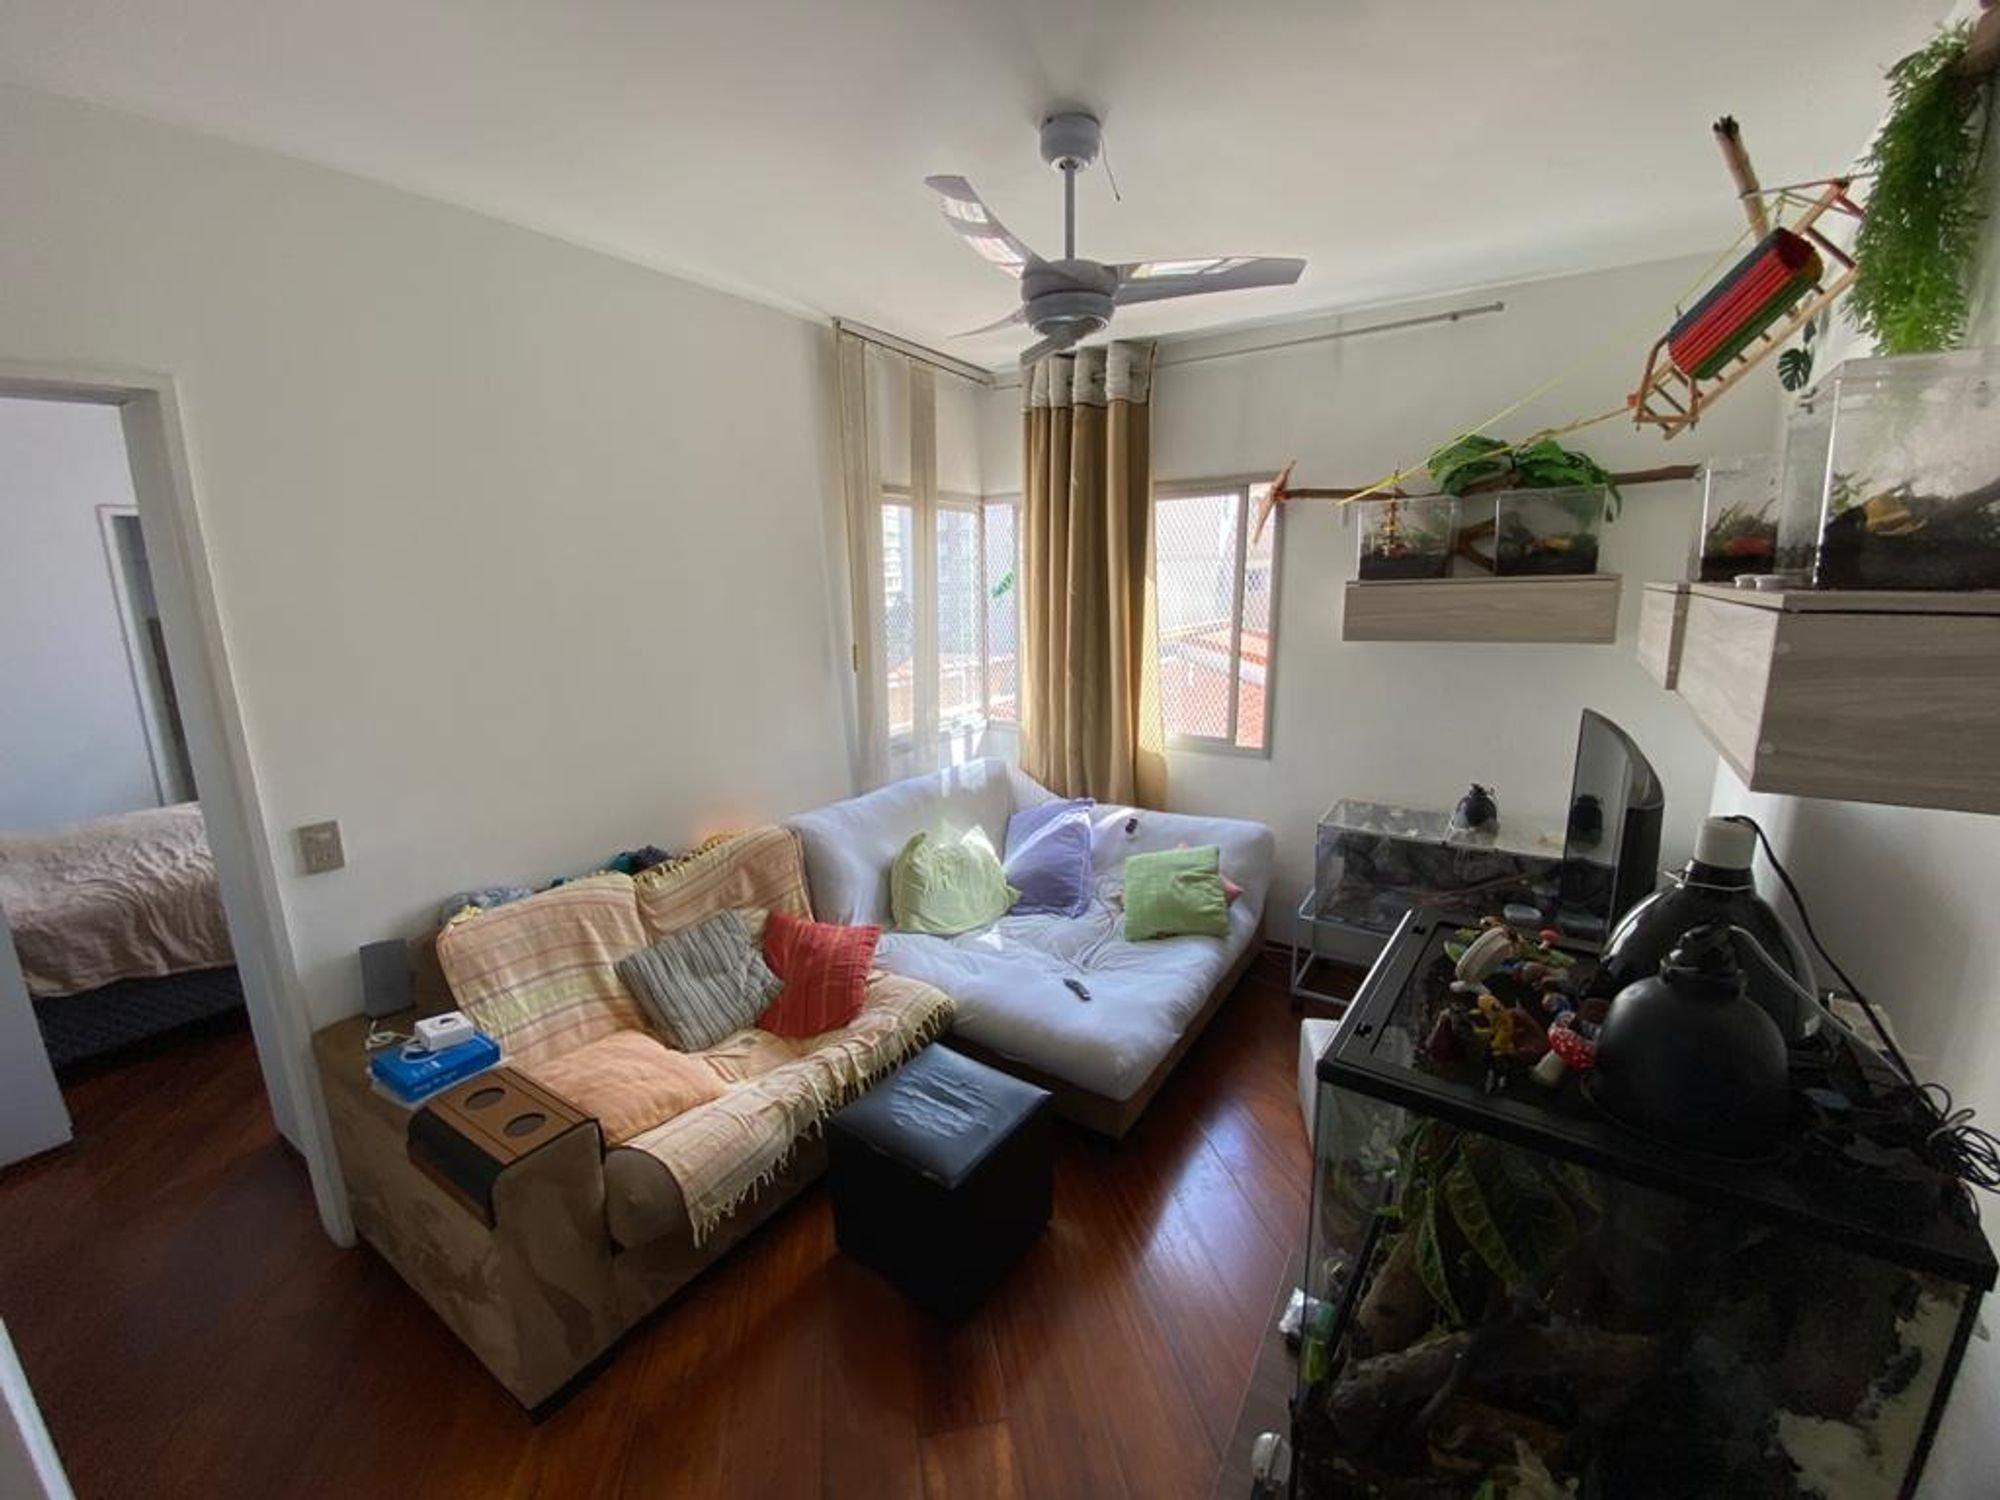 Foto de Quarto com vaso de planta, sofá